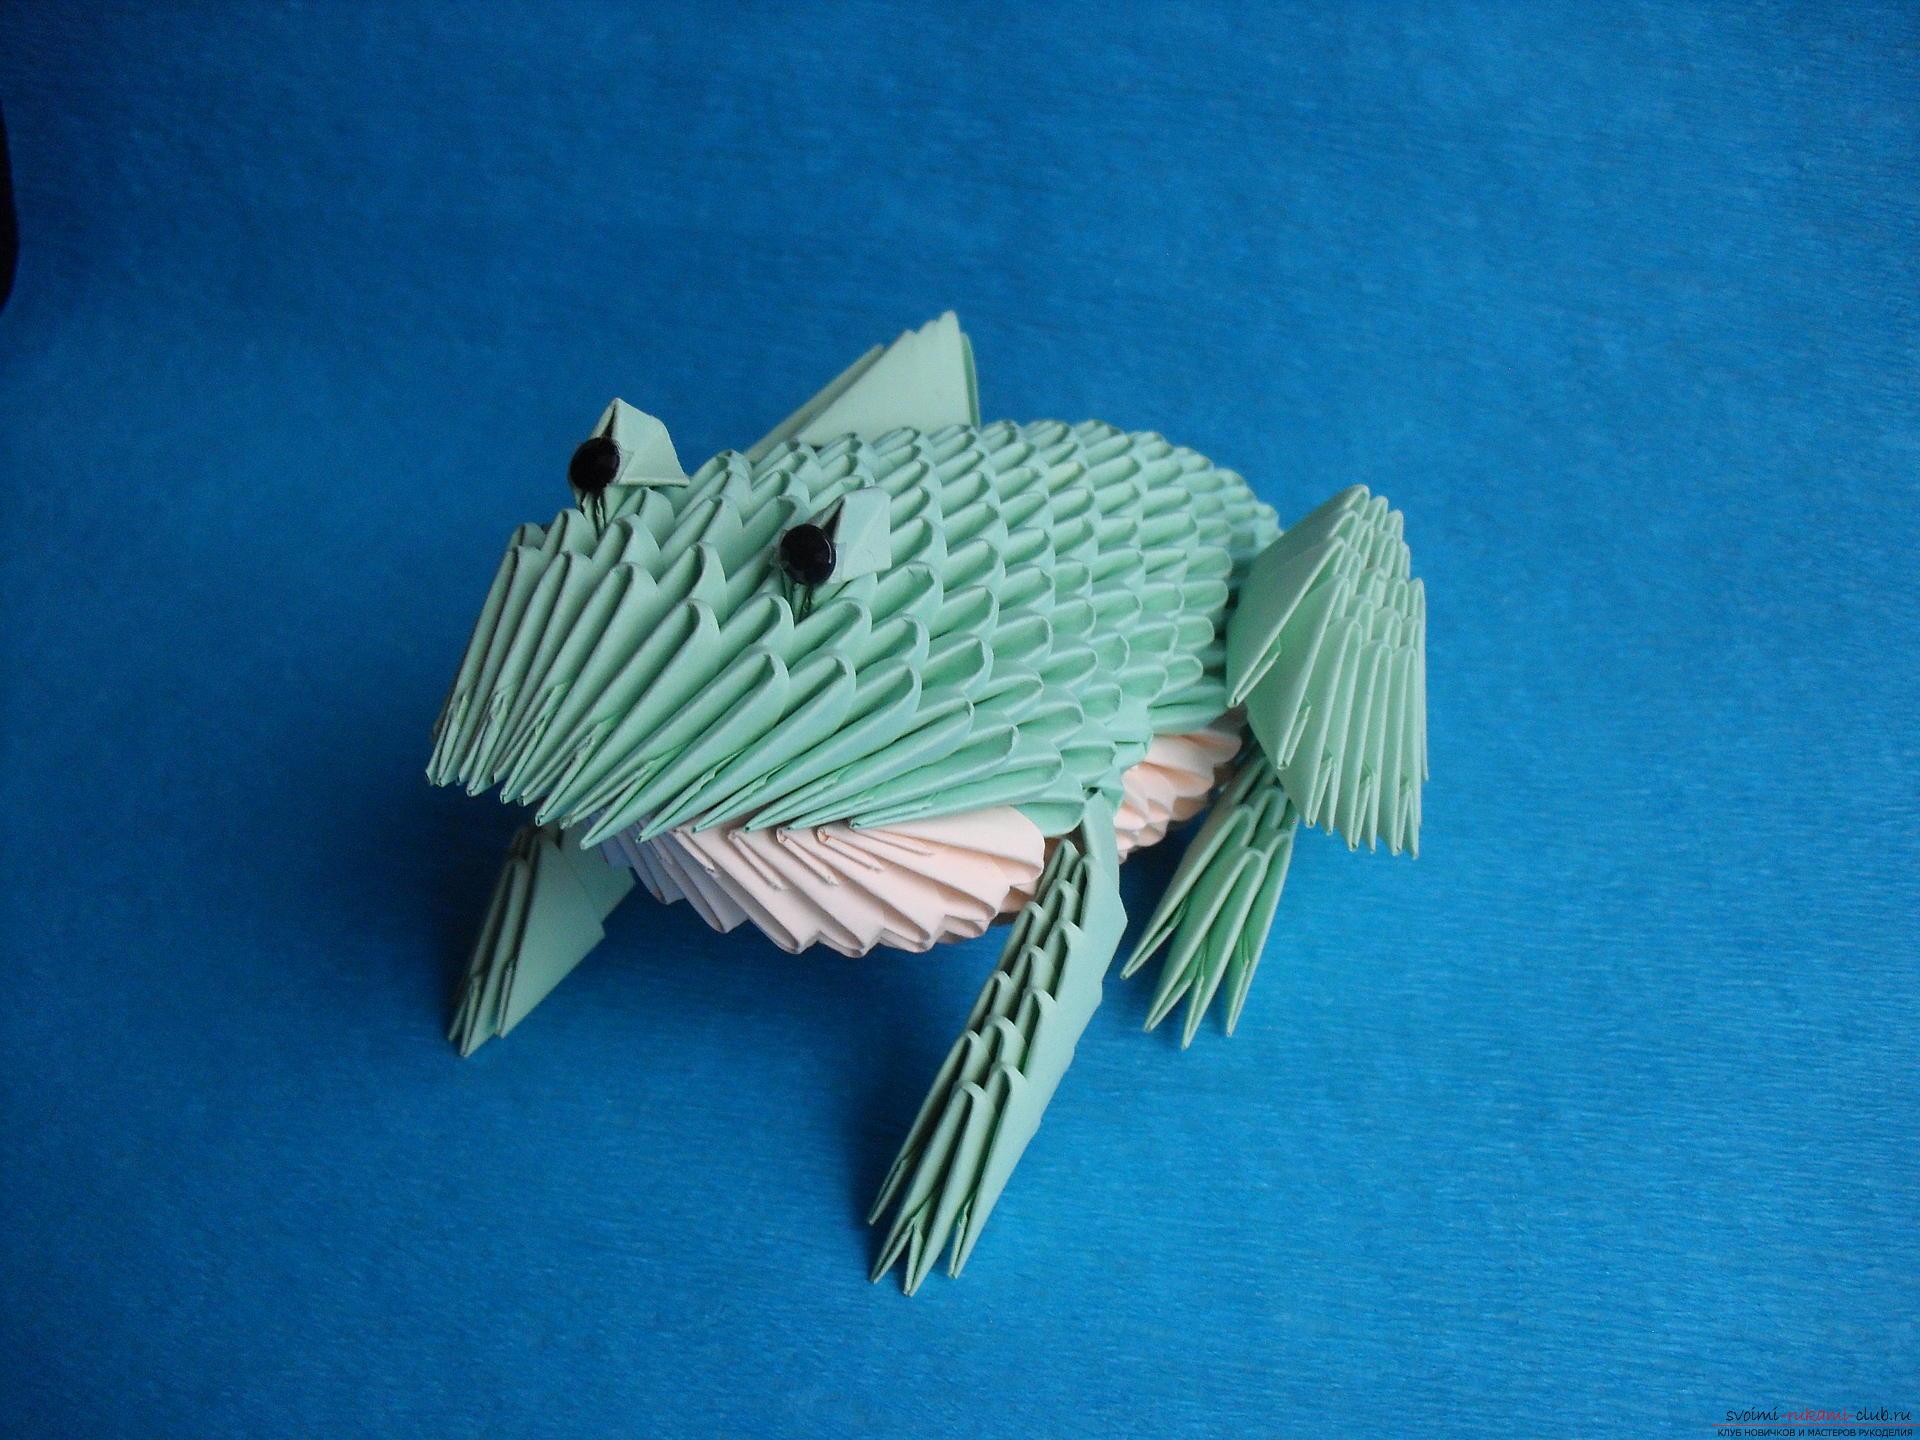 Этот мастер-класс расскажет как сделать поделку из модульных оригами - лягушку.. Фото №21